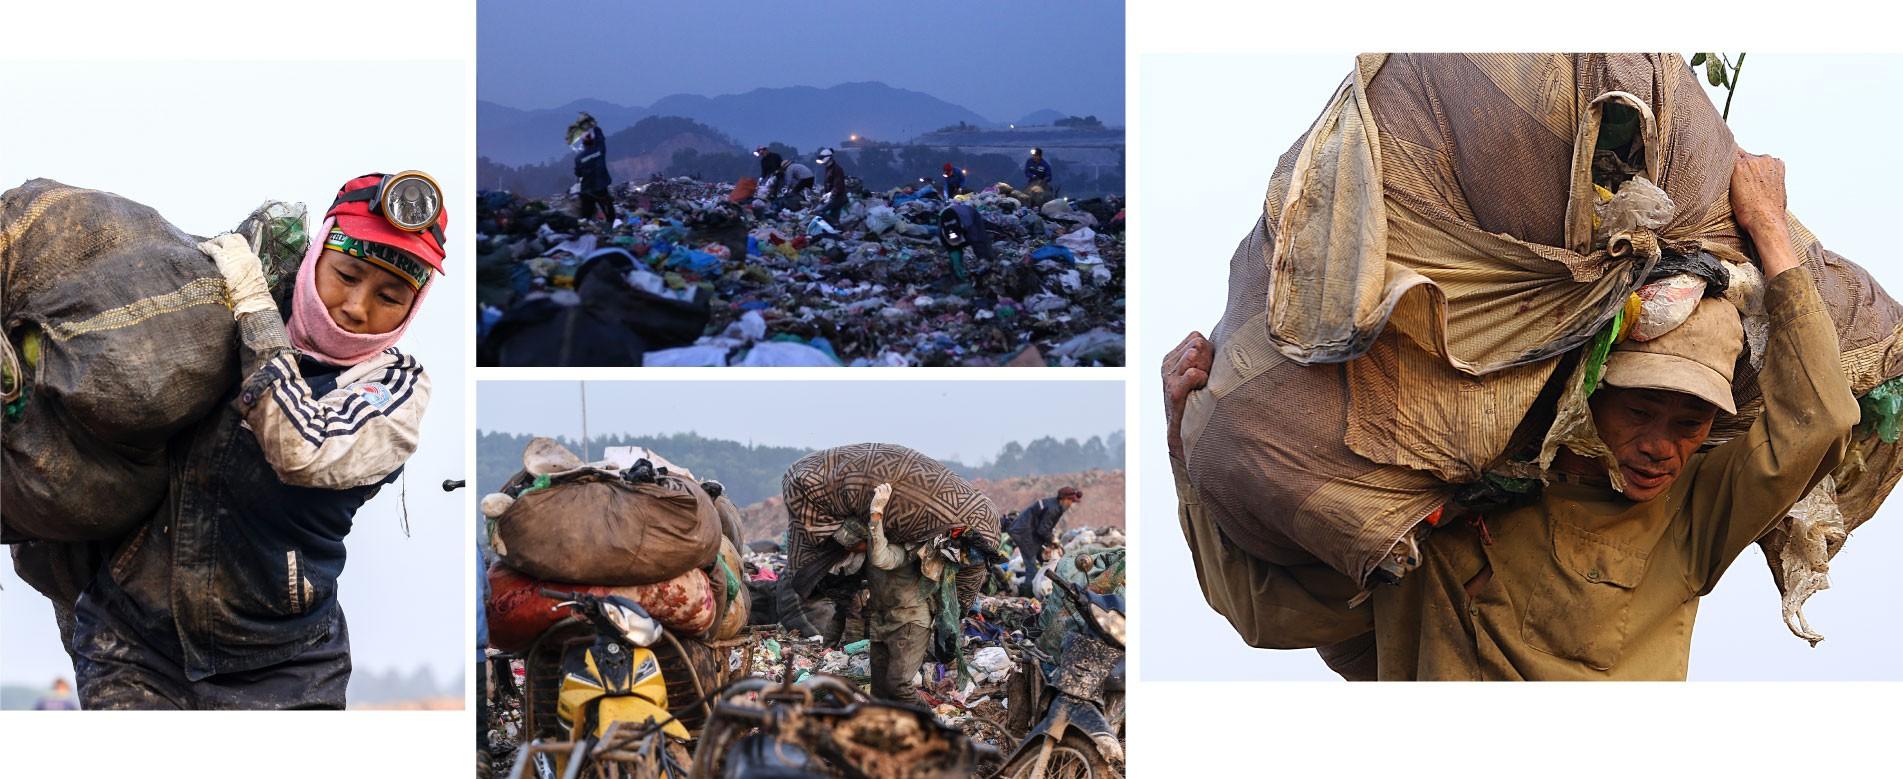 [eMagazine] - Những phận đời mưu sinh trên bãi rác - Ảnh 8.